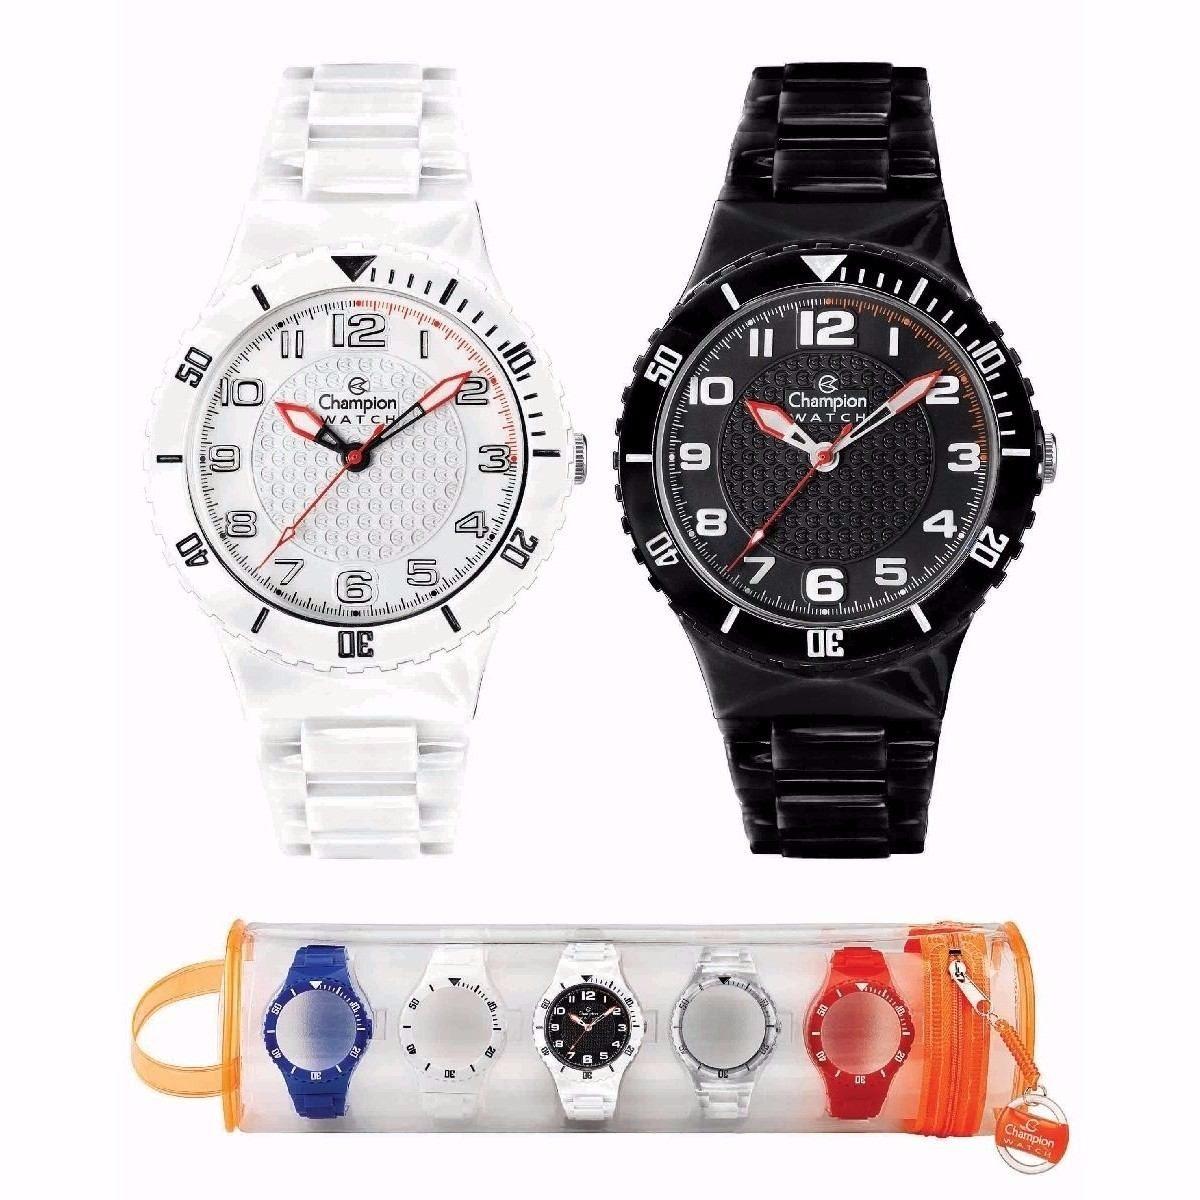 a9da0277099 relógio champion led digital escreve o nome e troca pulseira. Carregando  zoom.